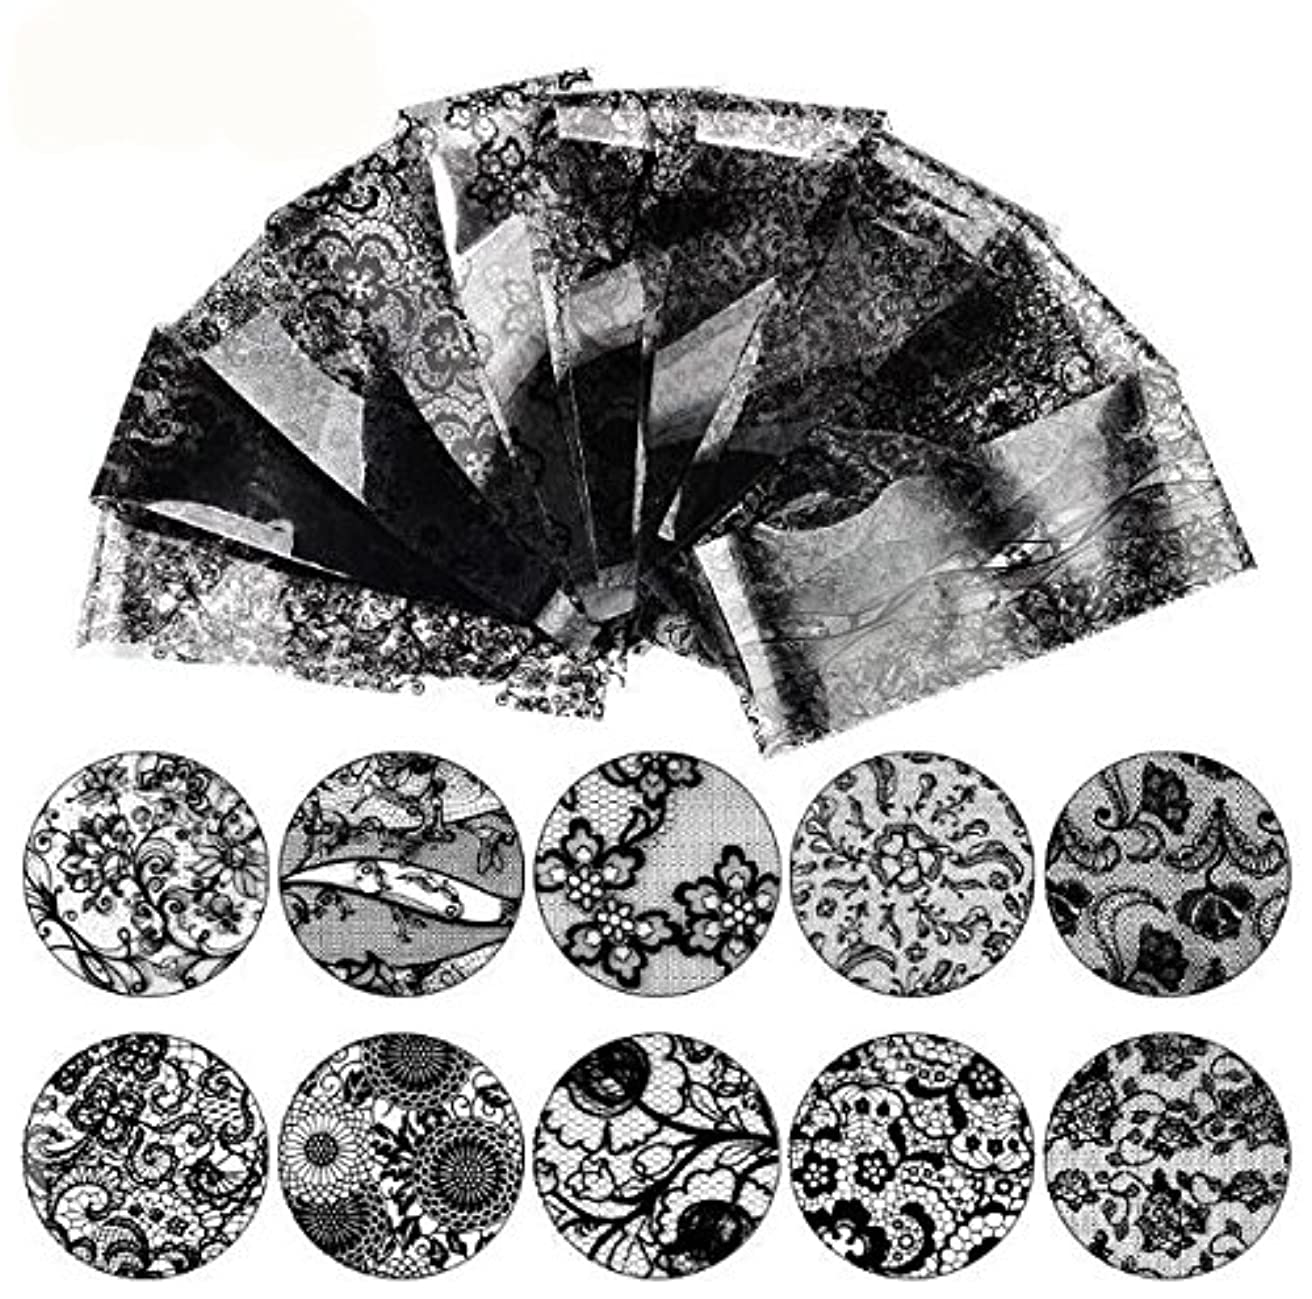 特別に胸これら16枚 20cm ブラック レース ネイルホイル ネイル転印シール ネイルシール ネイルステッカー ネイルデコ ネイルアート [並行輸入品]